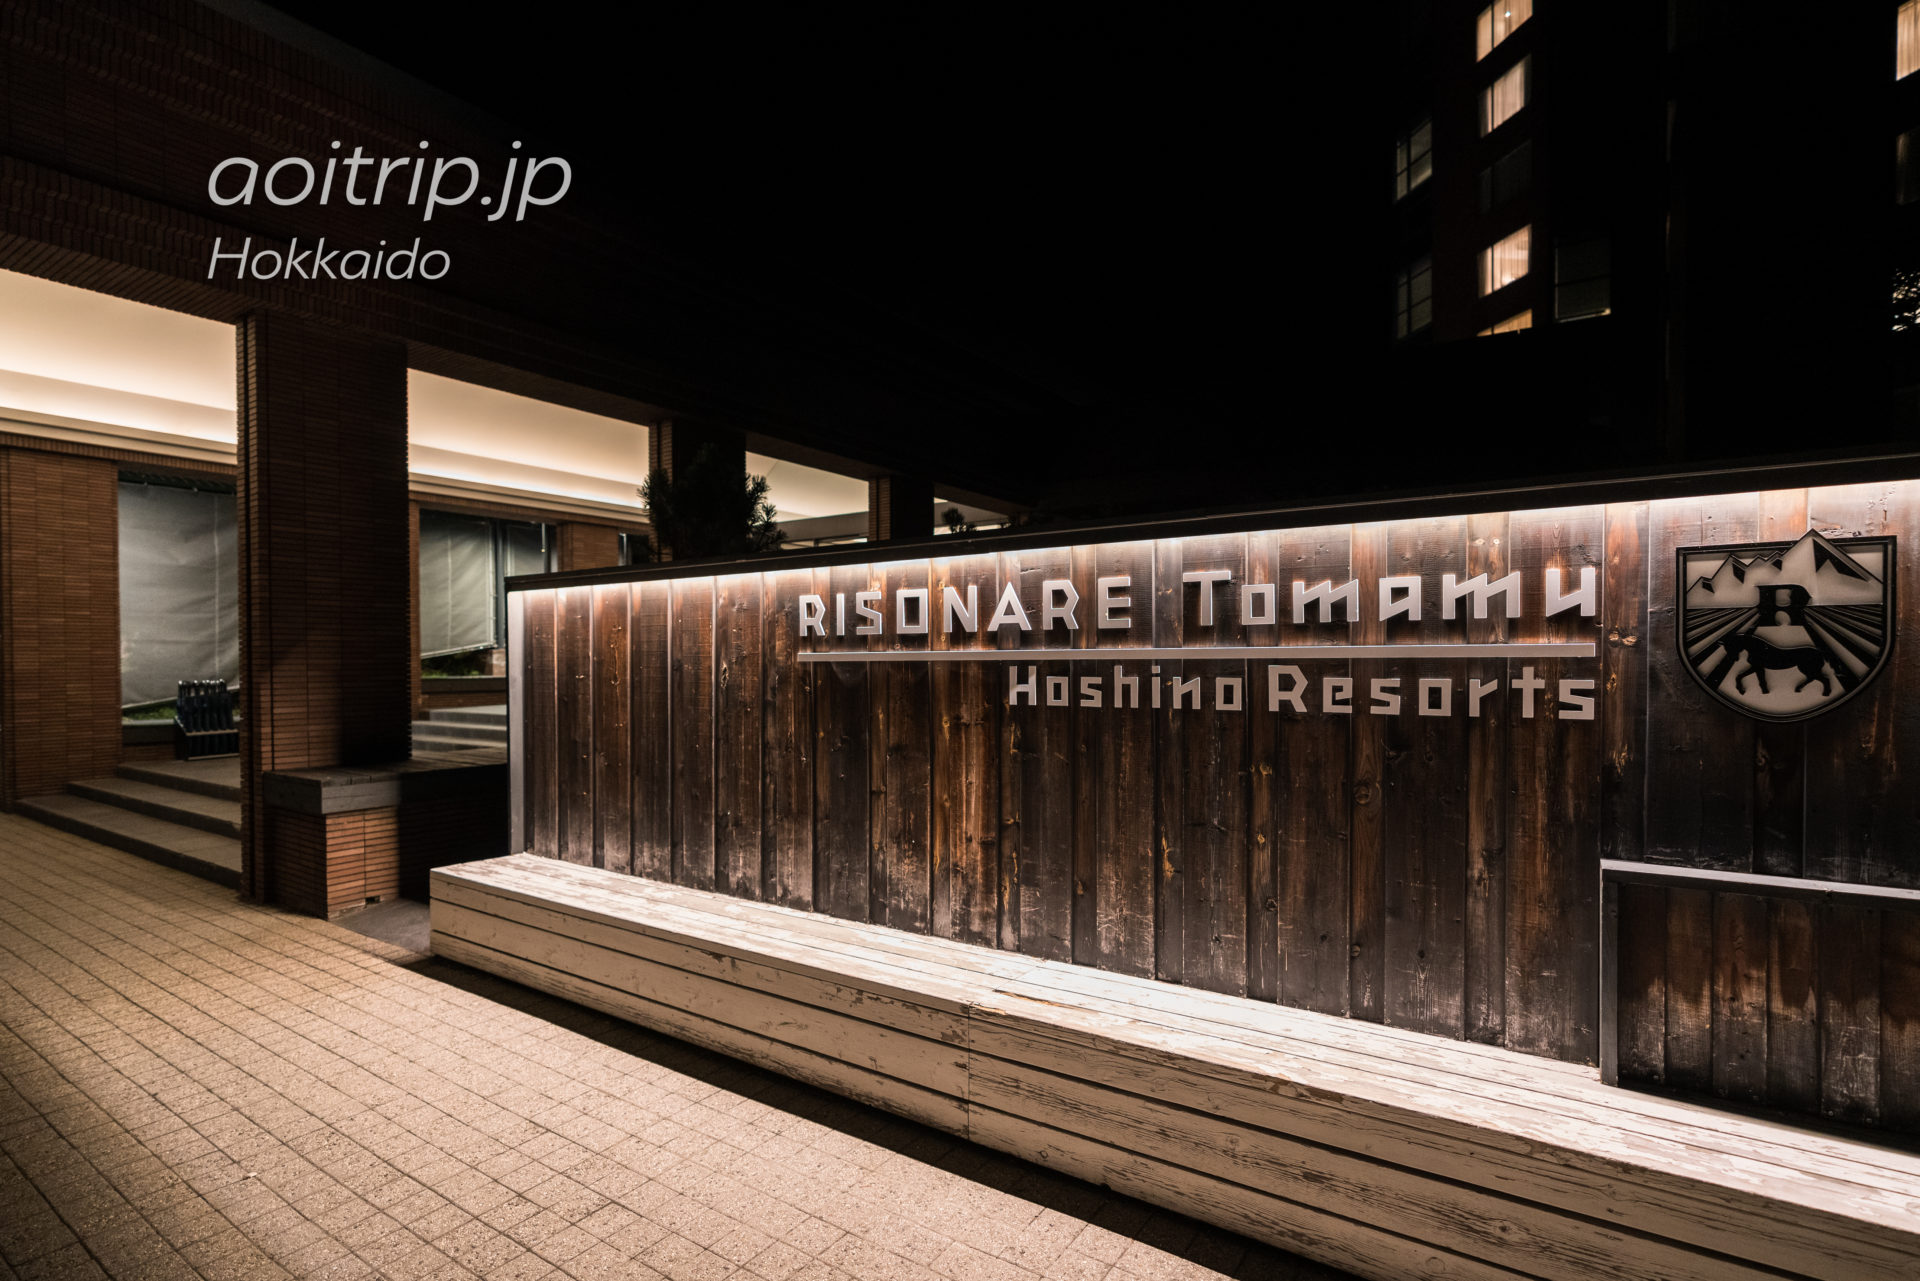 星野リゾート リゾナーレトマム 宿泊記|Hoshino Risonare Tomamu